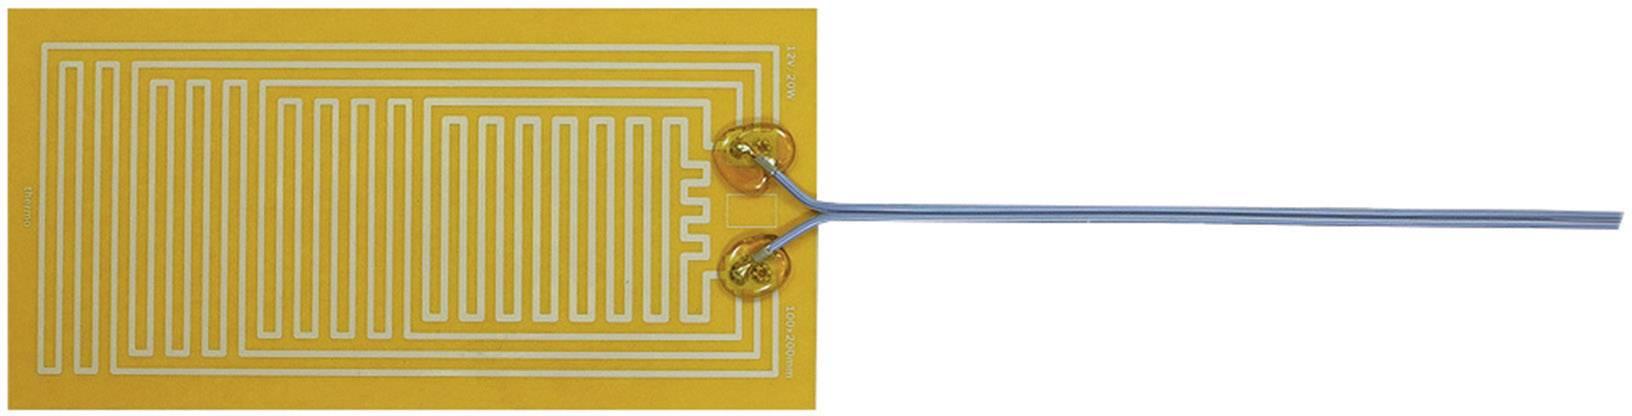 Tepelná fólie samolepicí Thermo 12 V/DC, 12 V/AC, 20 W, krytí IPX4, (d x š) 200 mm x 100 mm